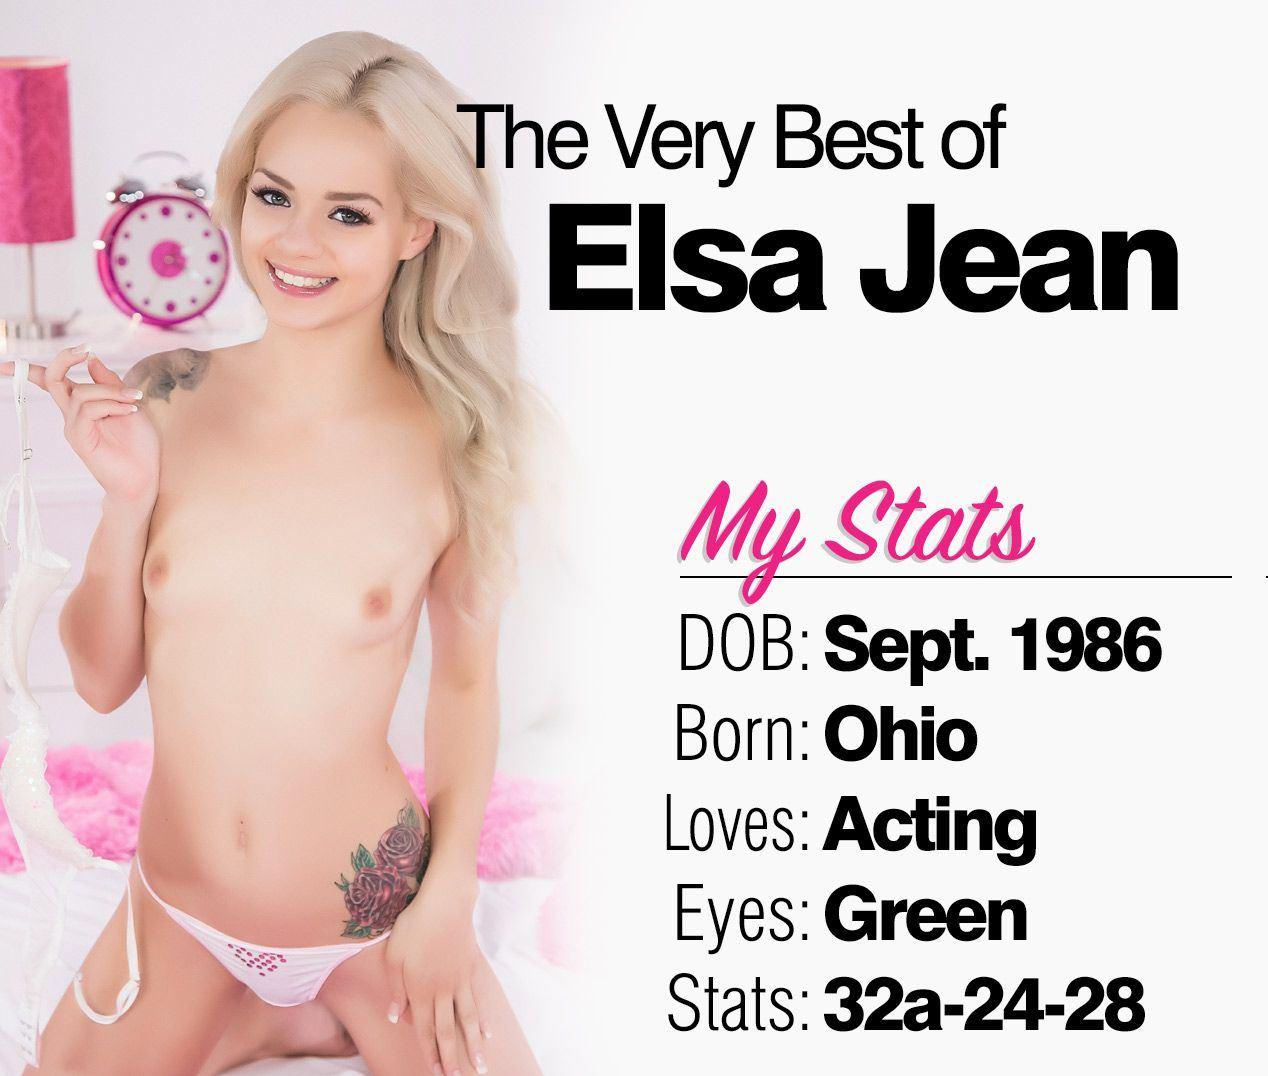 Elsa jean toy